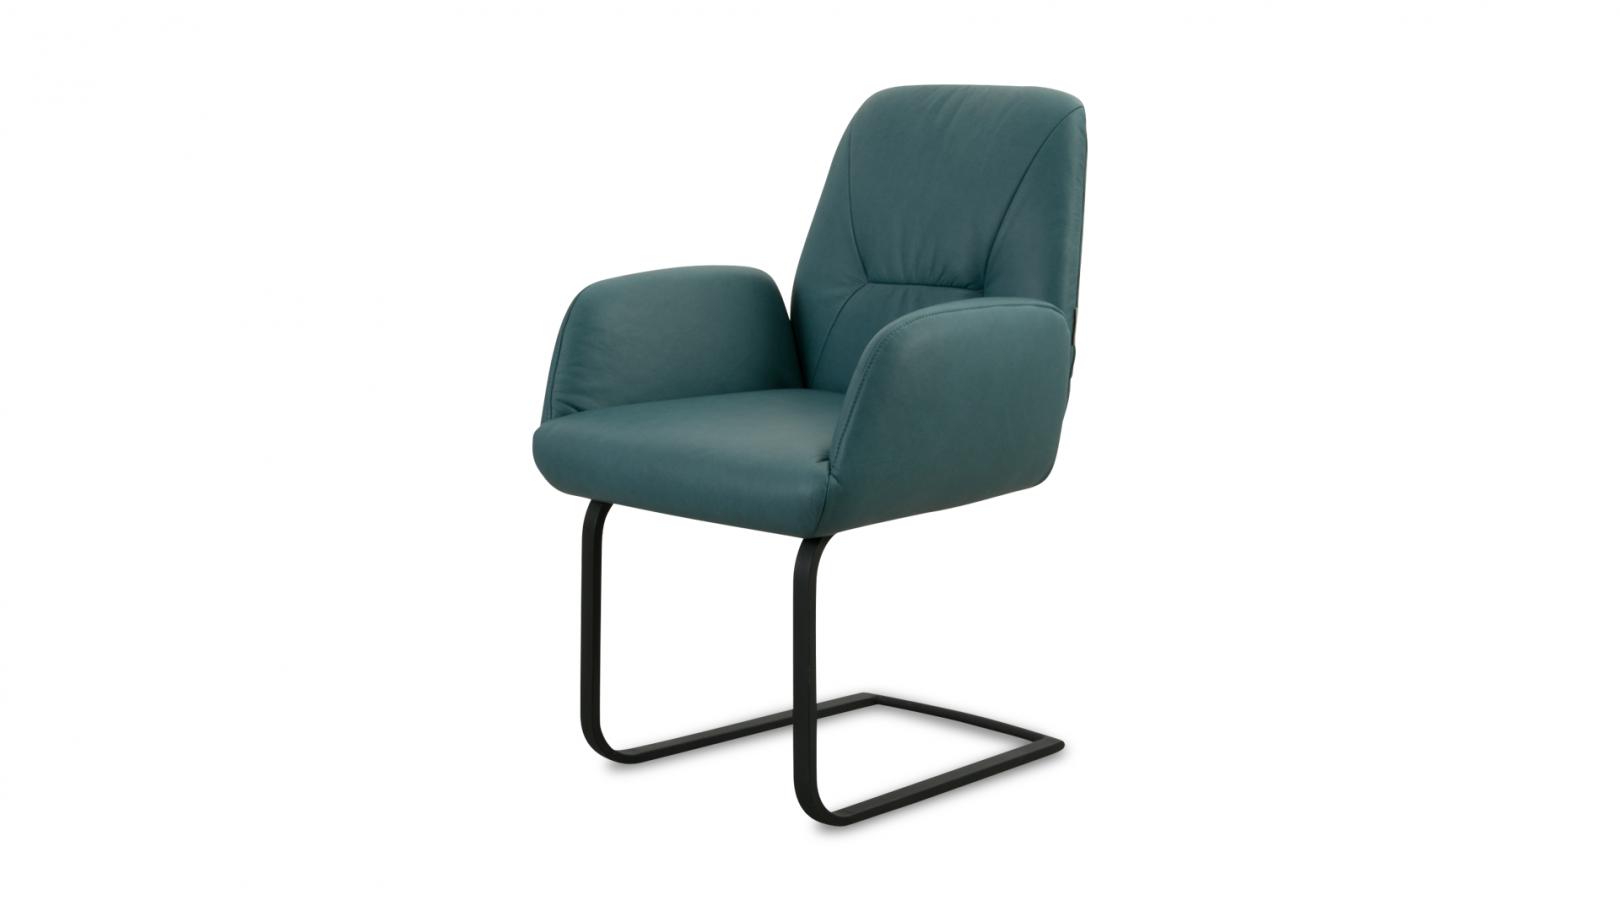 Sitzdesign Markenmobel In 2020 Stuhle Sitzen Design